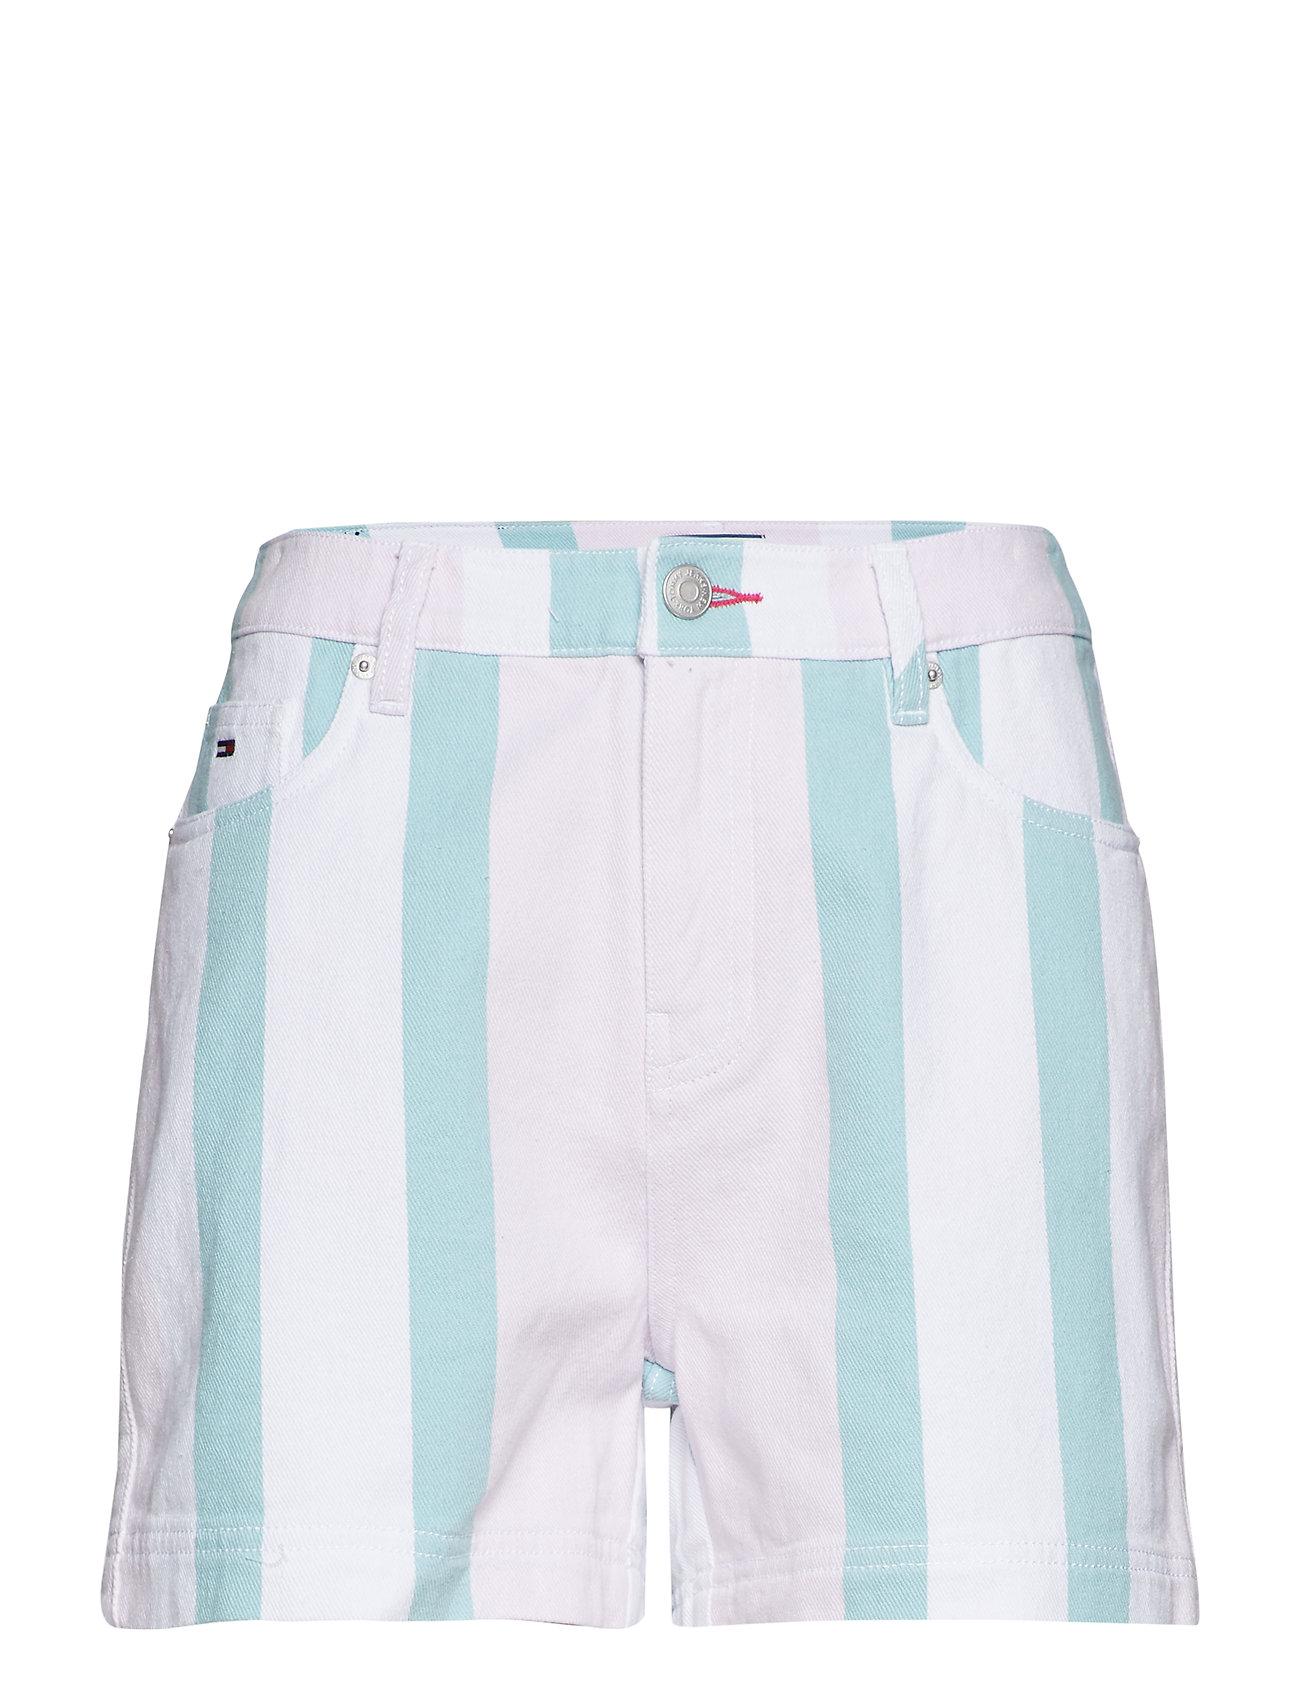 Shortbold Tjw Colorblock Pastel Jeans Stripe StripeTommy uXZiOPTk